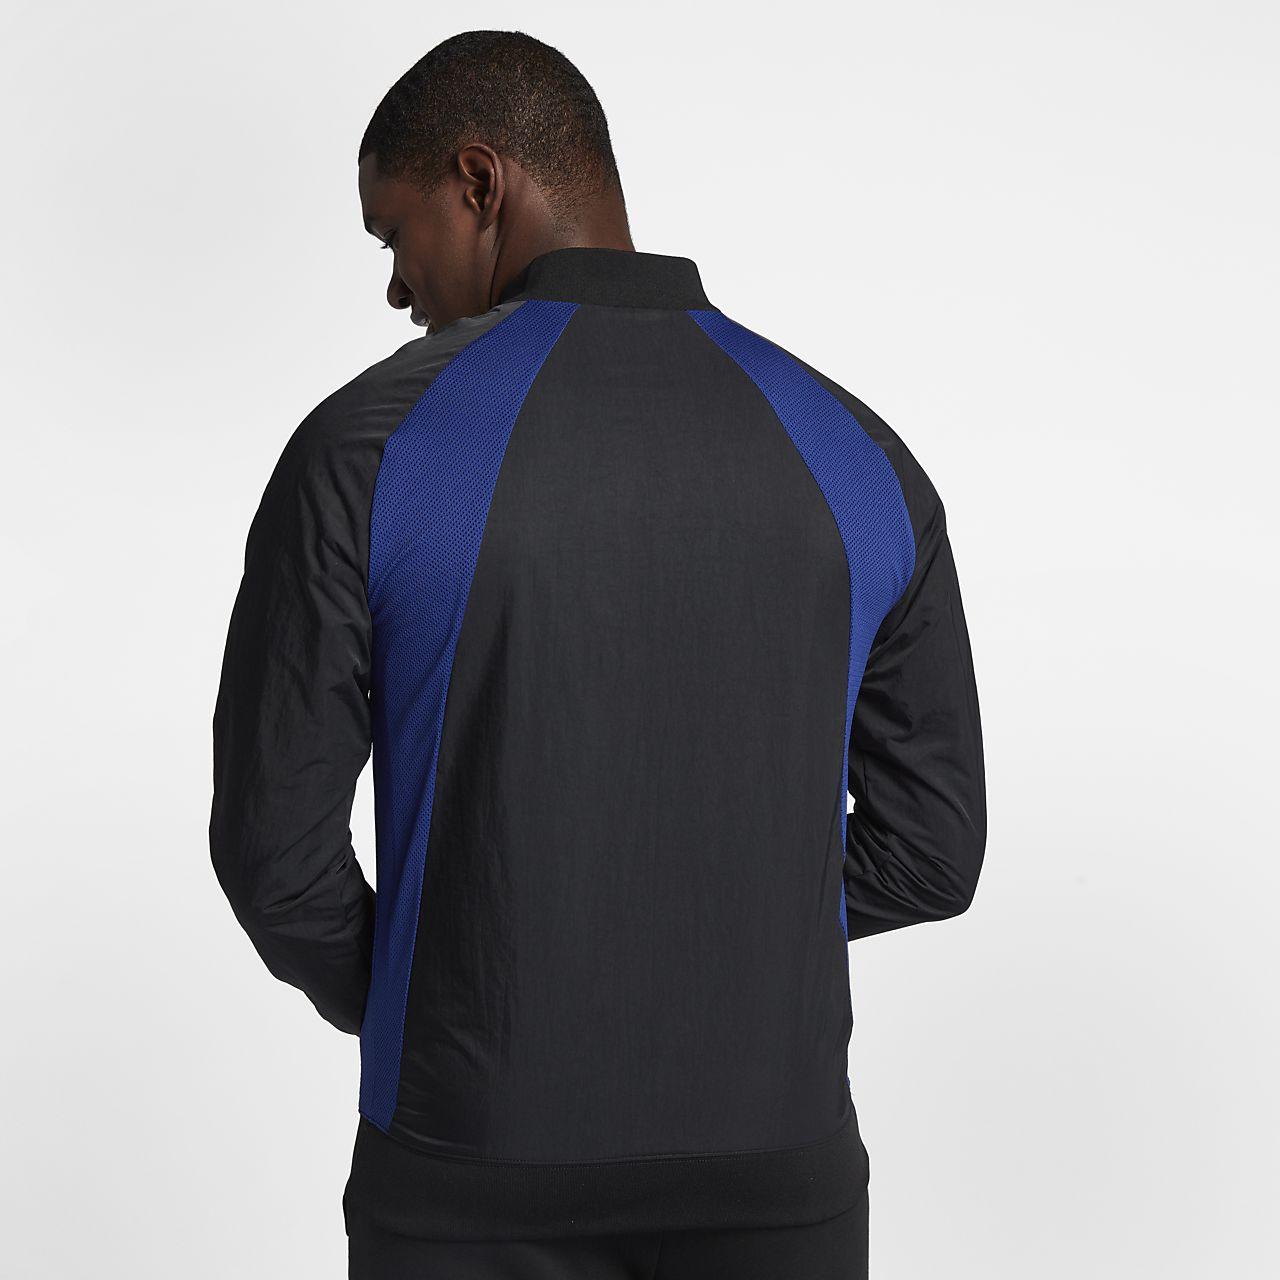 786ace2bb0fdbf Air Jordan 1 Wings Men s Jacket. Nike.com CA